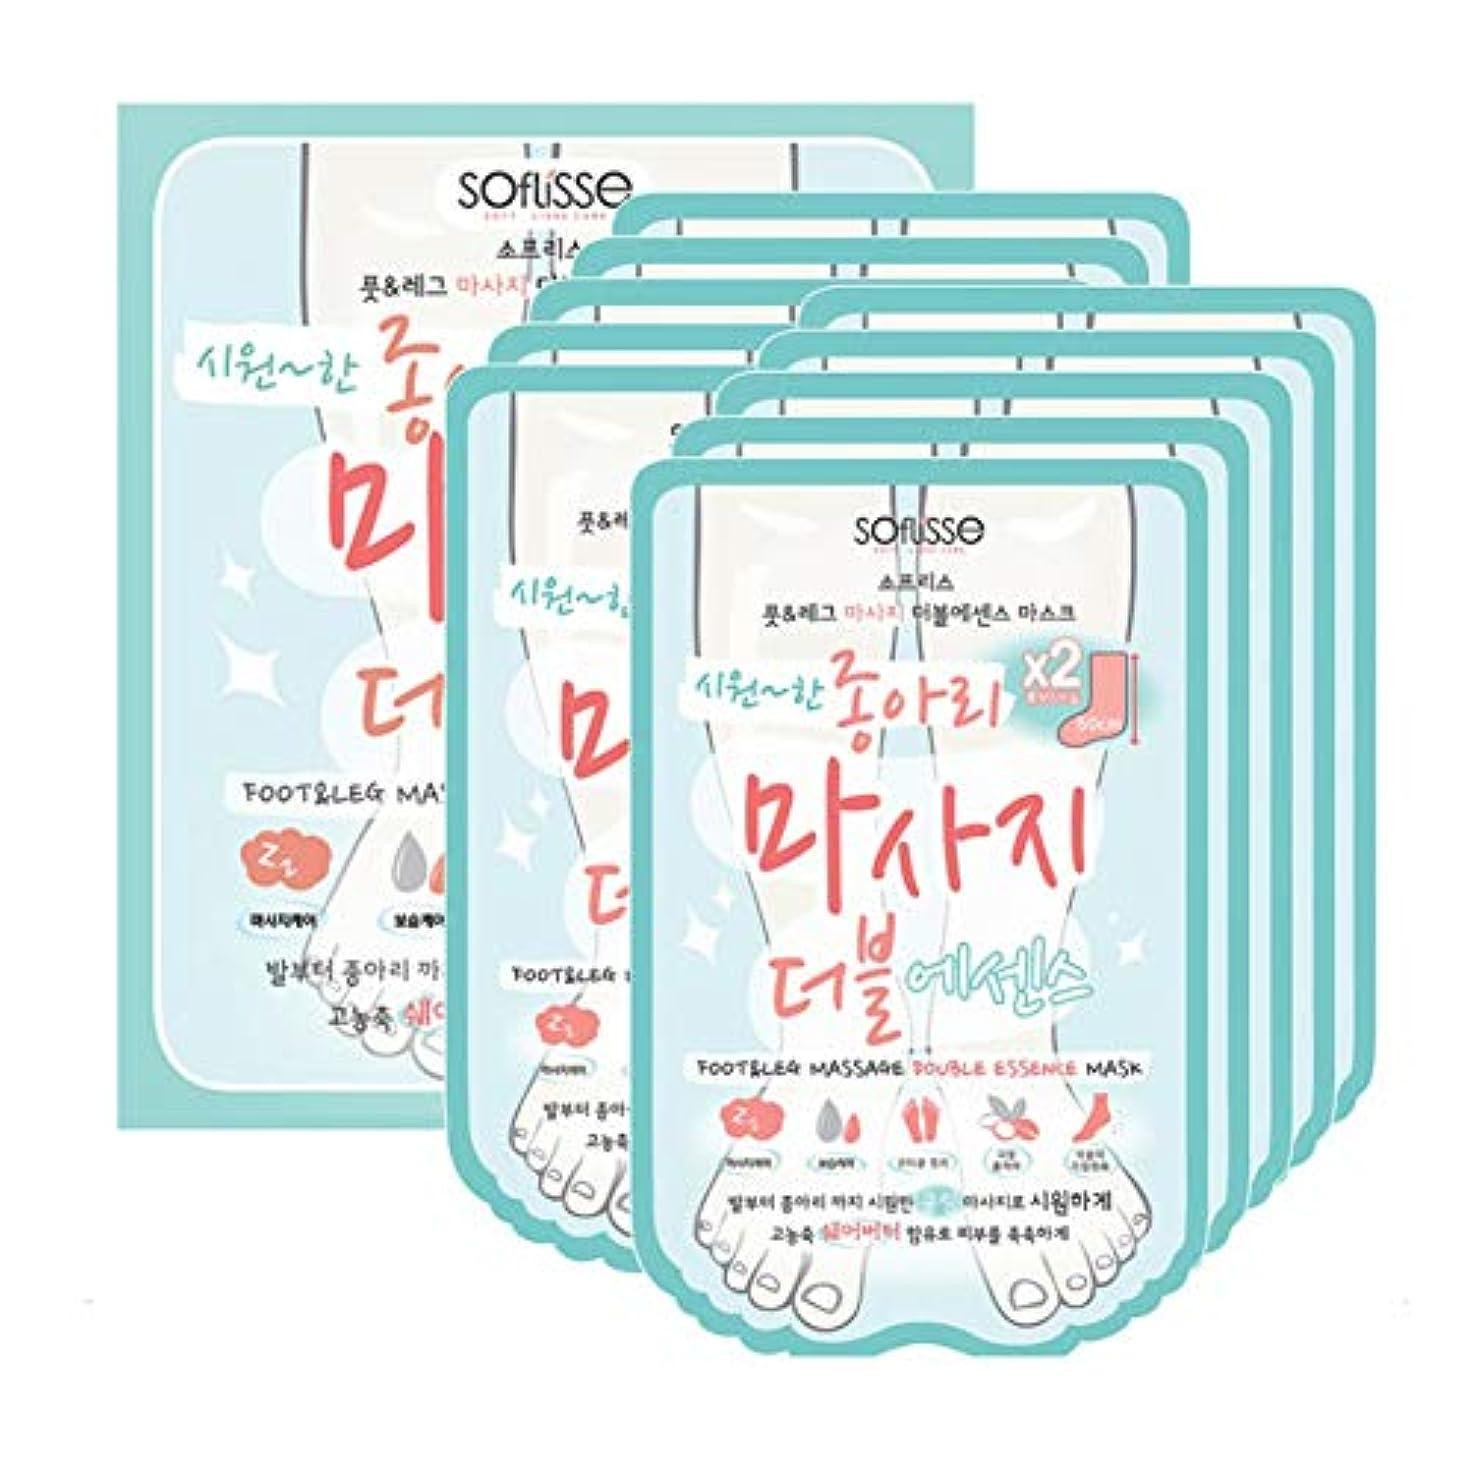 統治可能調べるボアソフリッセフット&レッグマッサージダブルエッセンスマスク60ml 10pc韓国製 Soflisse Foot&Leg Massage Double Essence Mask 60ml 10pc Made In Korea